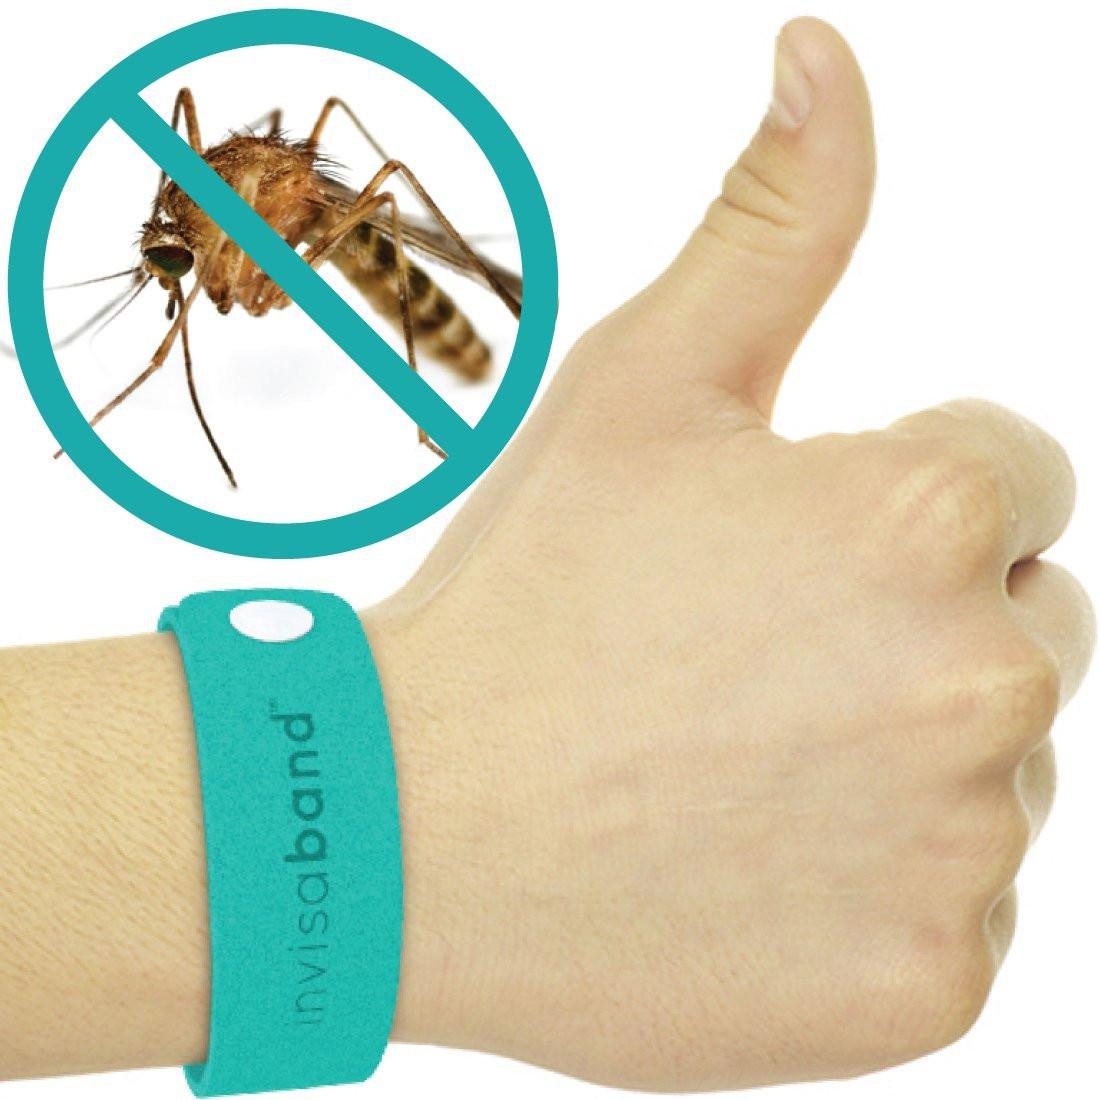 Bug Repellent Bracelet  Best Bug Repellent Bracelets and Mosquito Bands